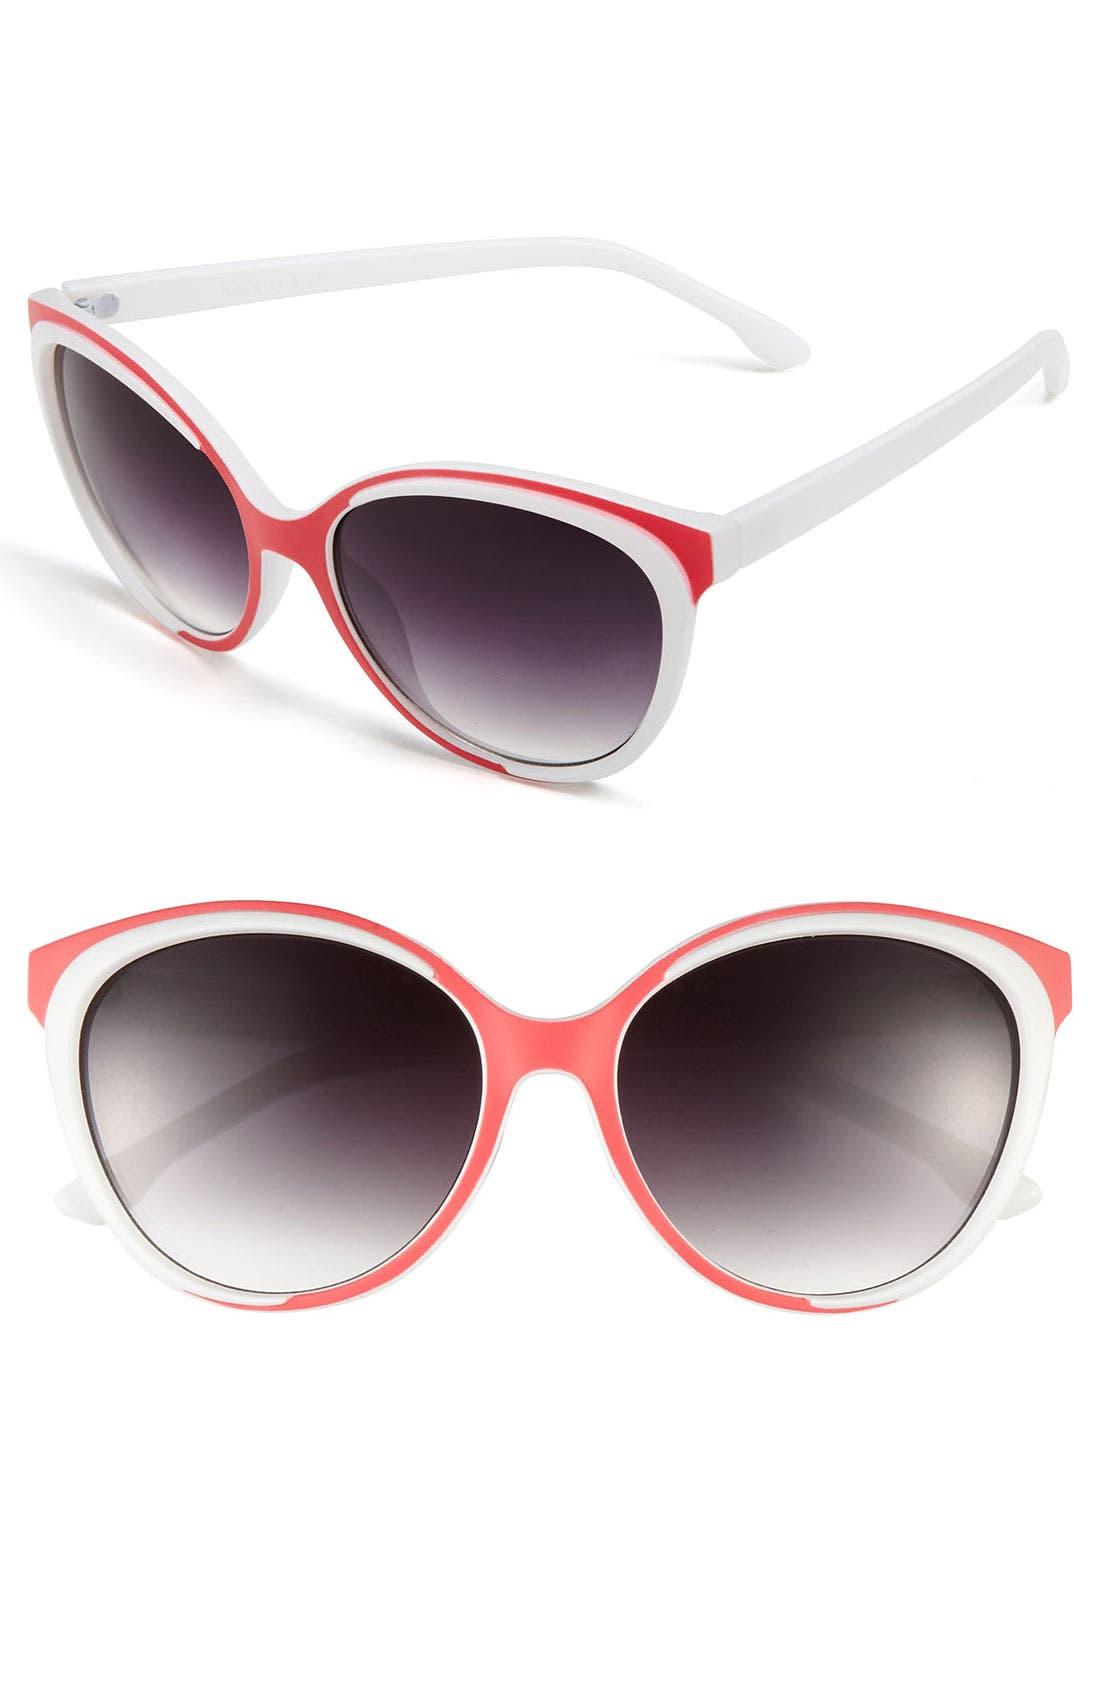 Main Image - FE NY 'Lava' Sunglasses